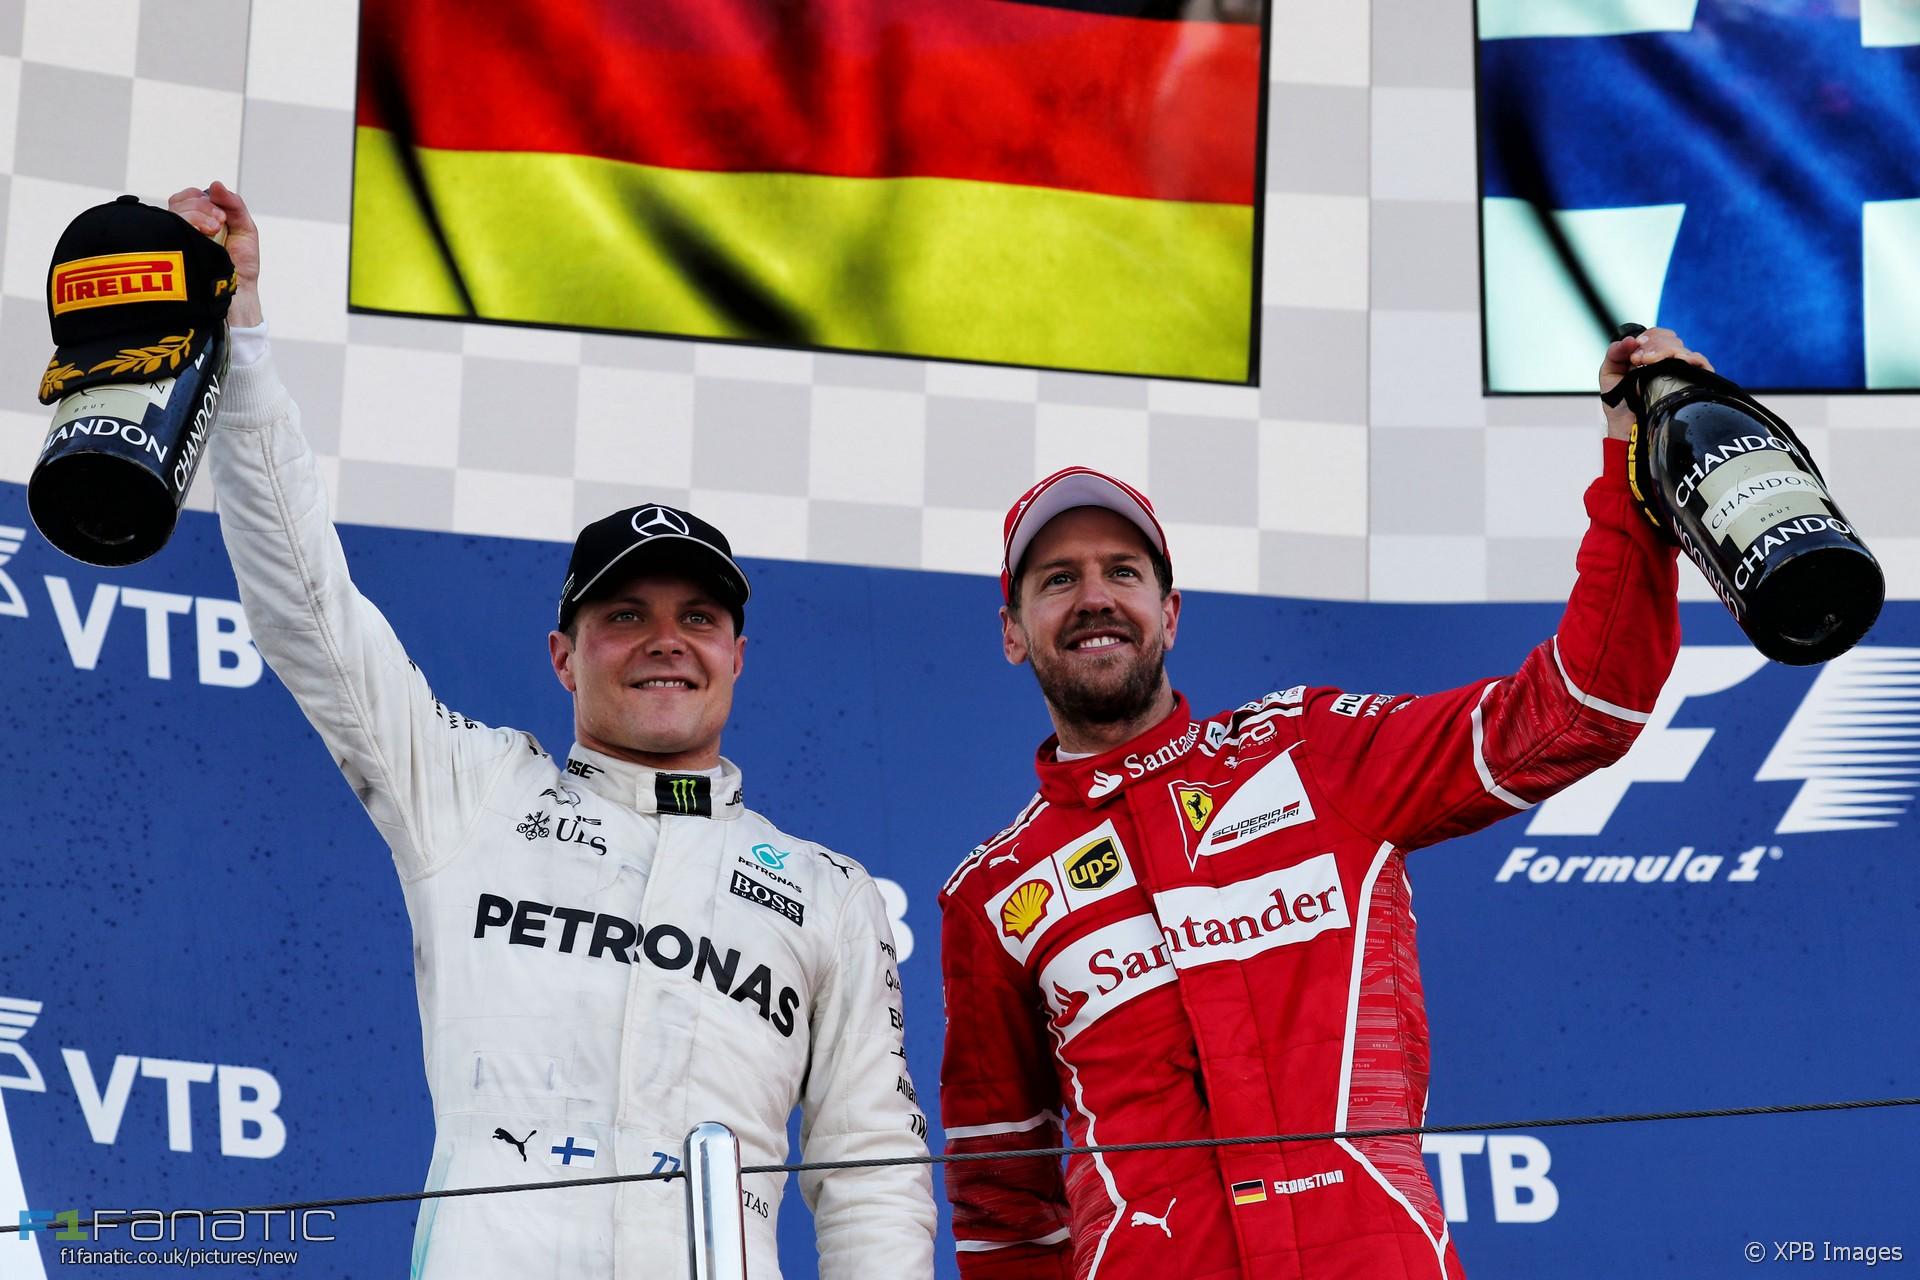 Sebastian Vettel, Valtteri Bottas, Sochi Autodrom, 2017